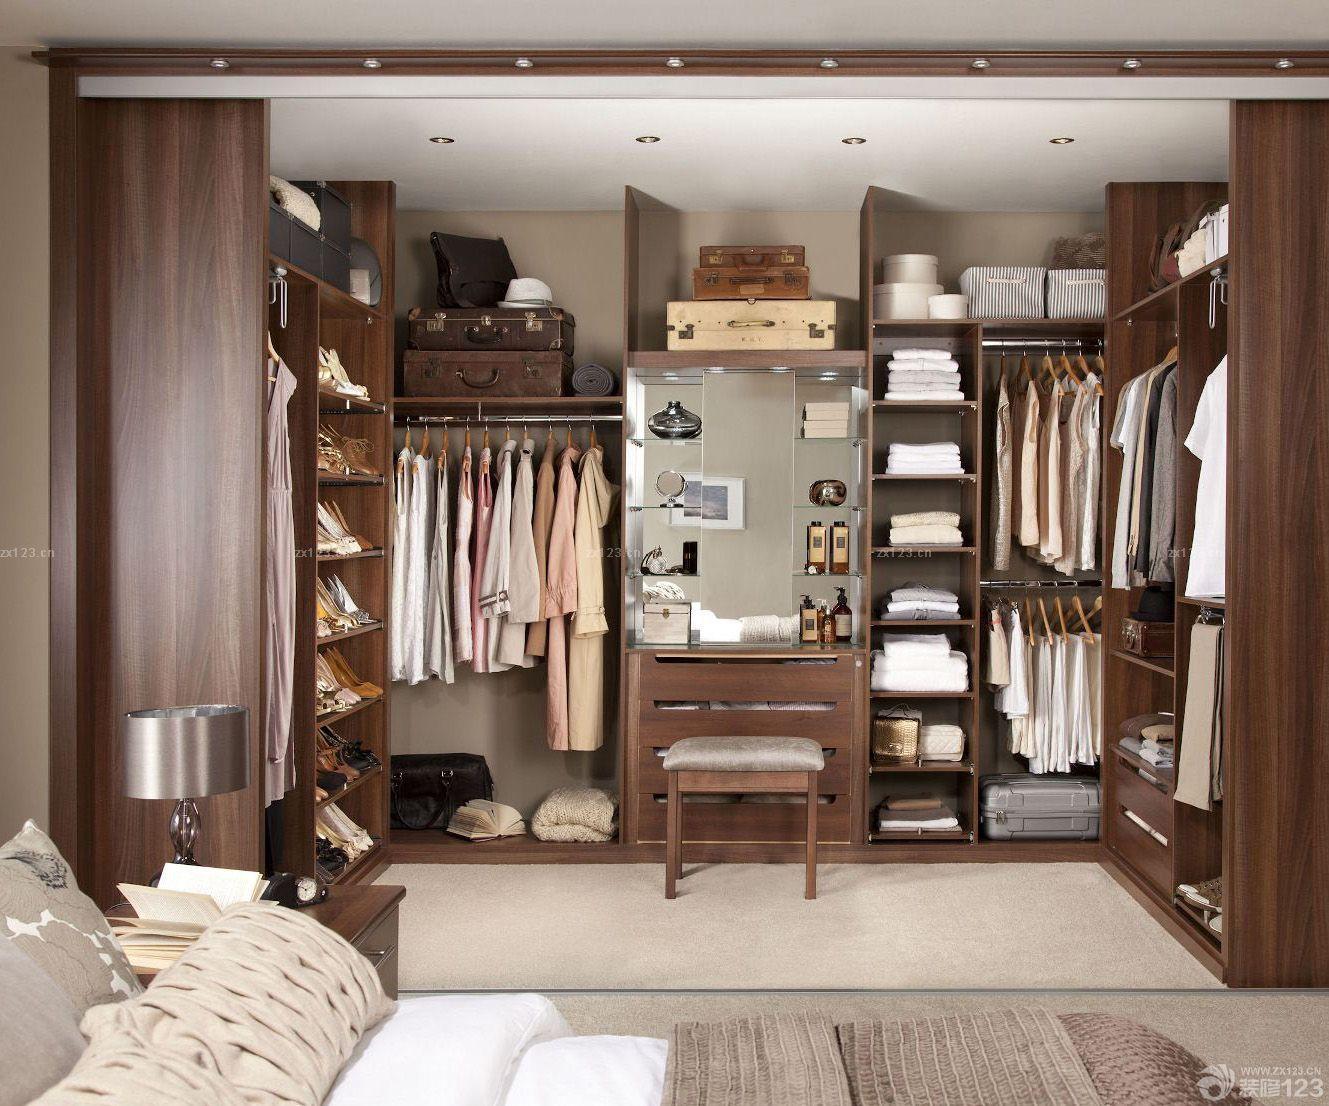 美式风格房子走入式衣柜装修效果图